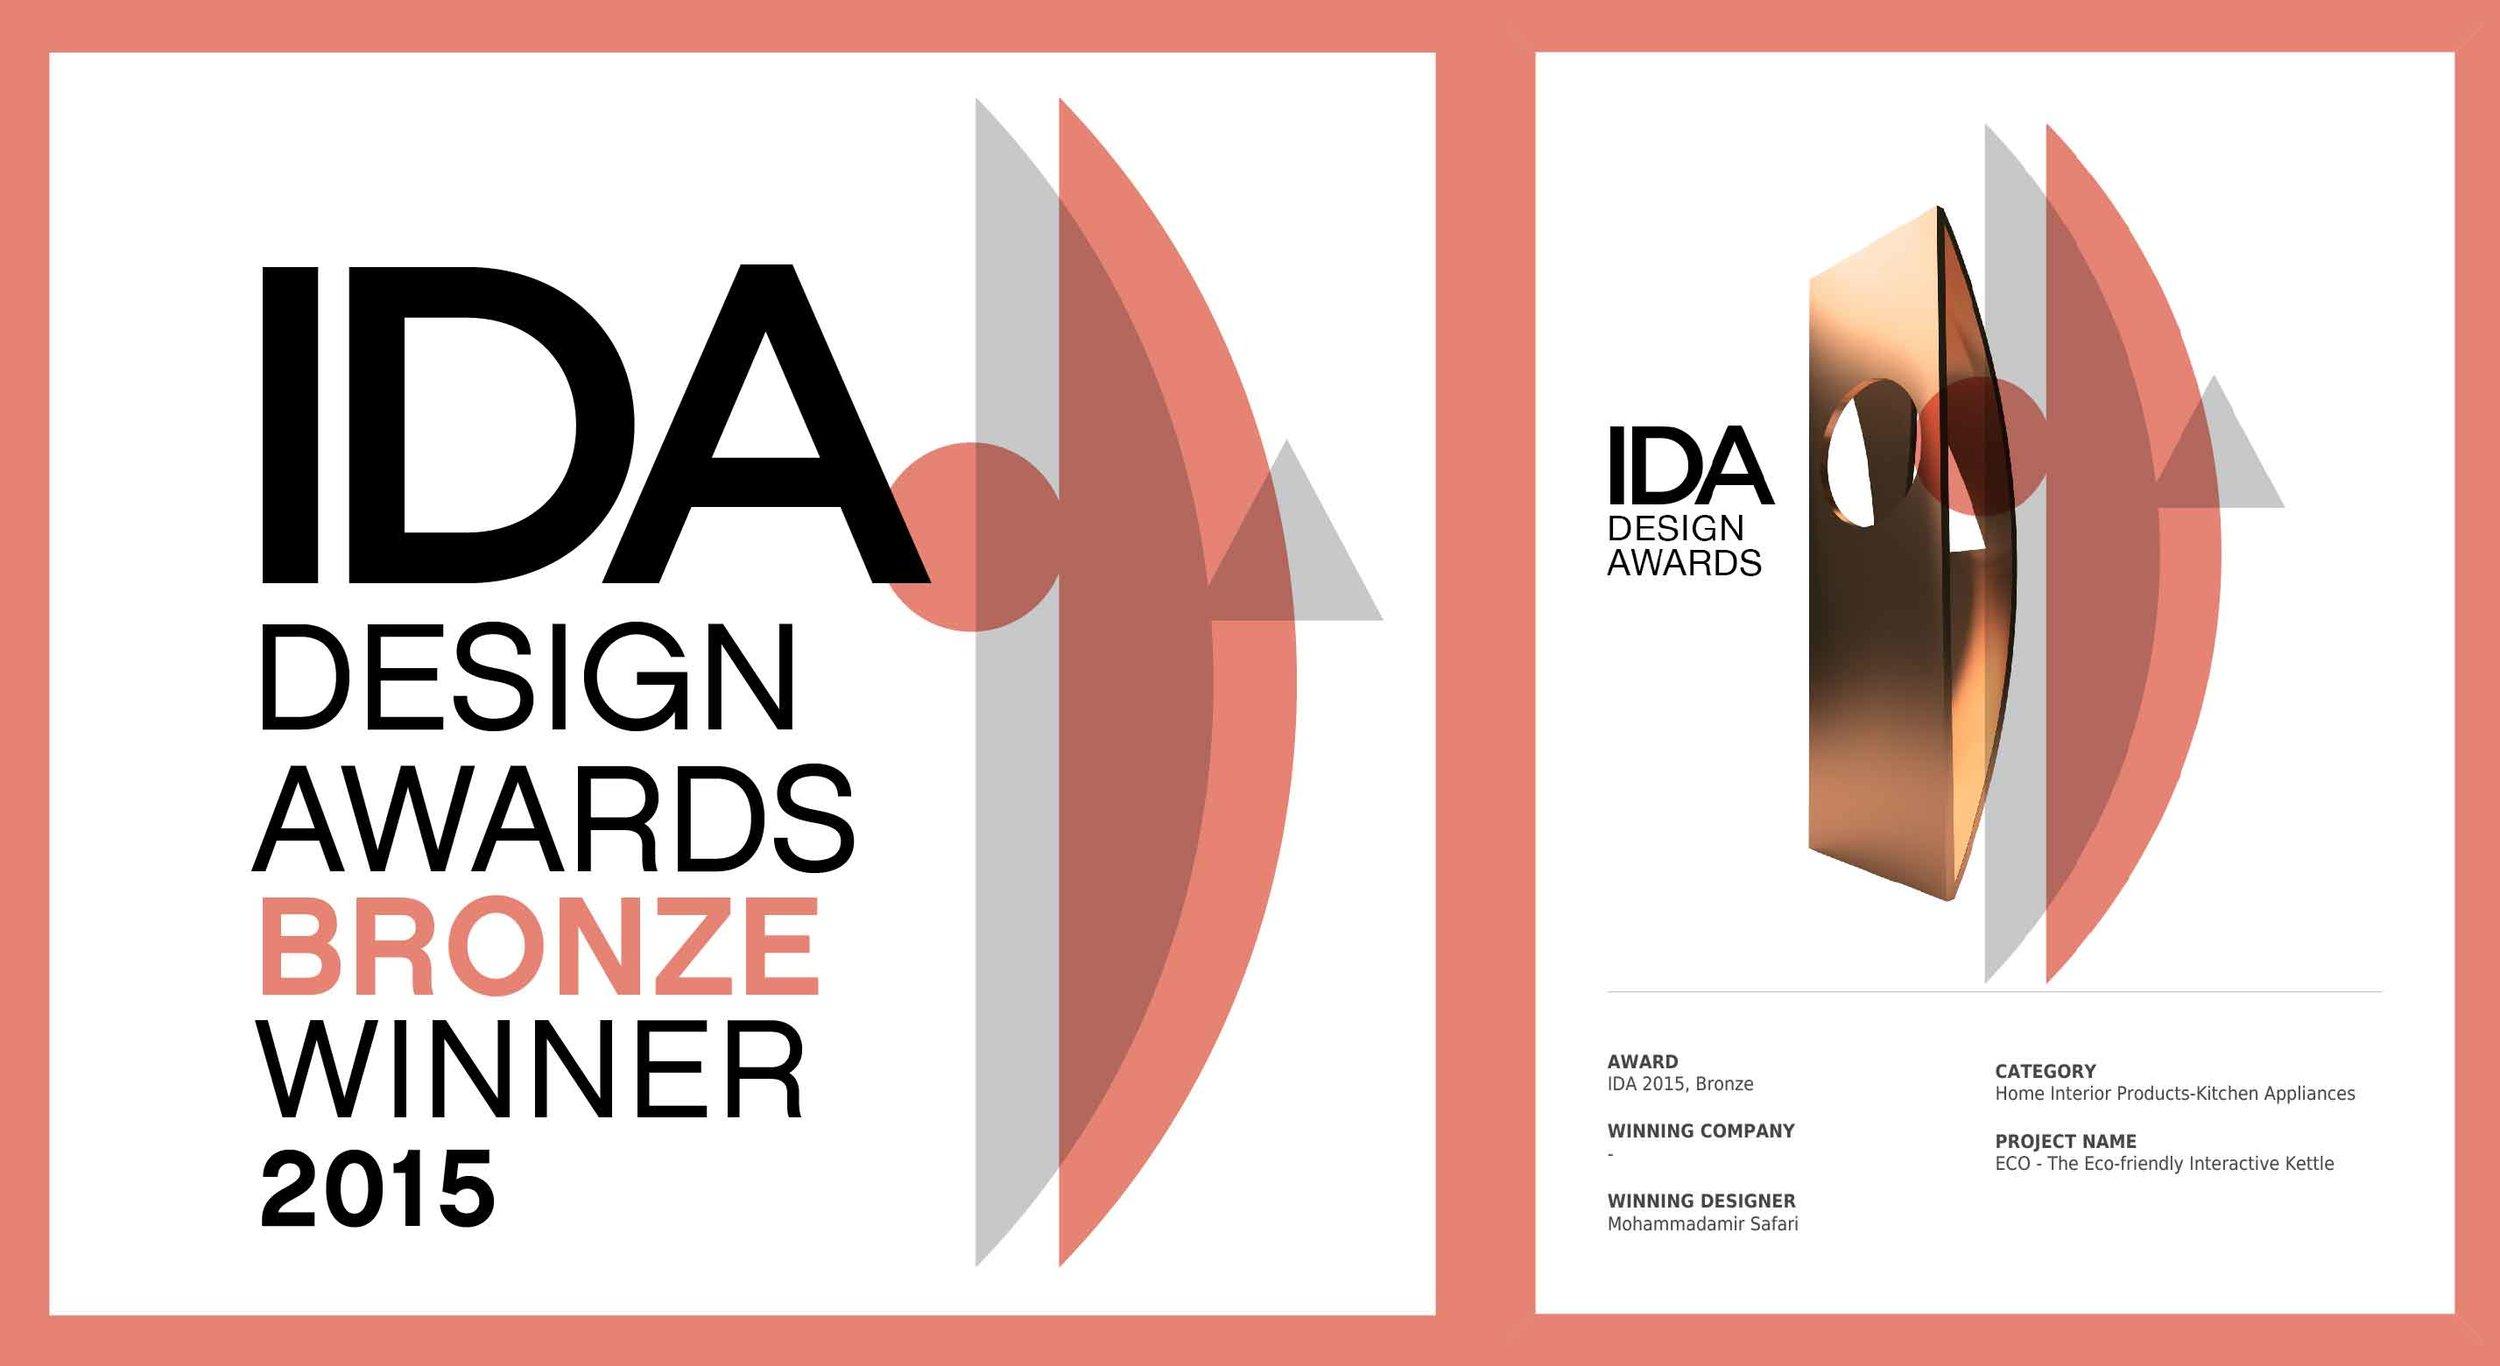 International Design Award Bronze Winner |Home Interior Products - Kitchen Appliances